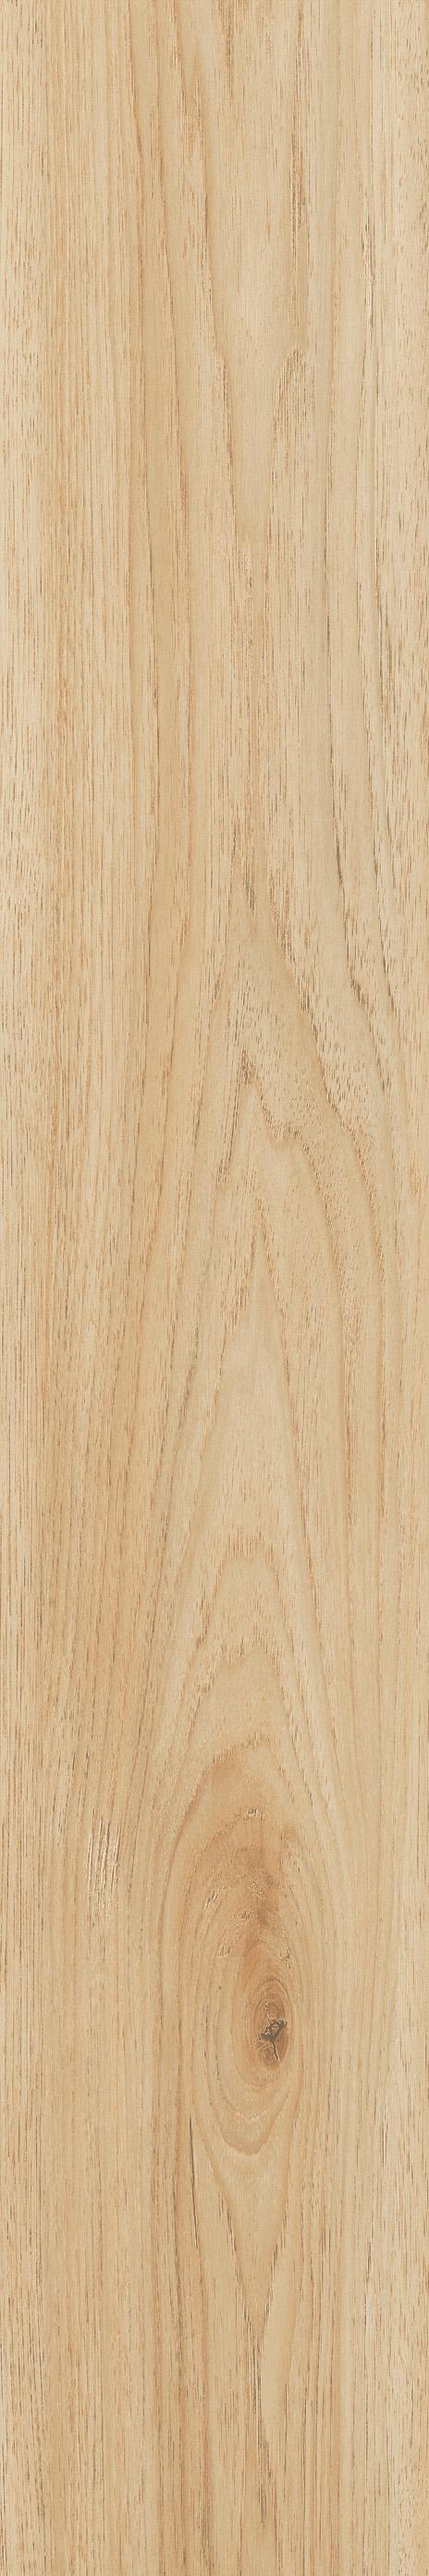 现代美式的木纹3d贴图